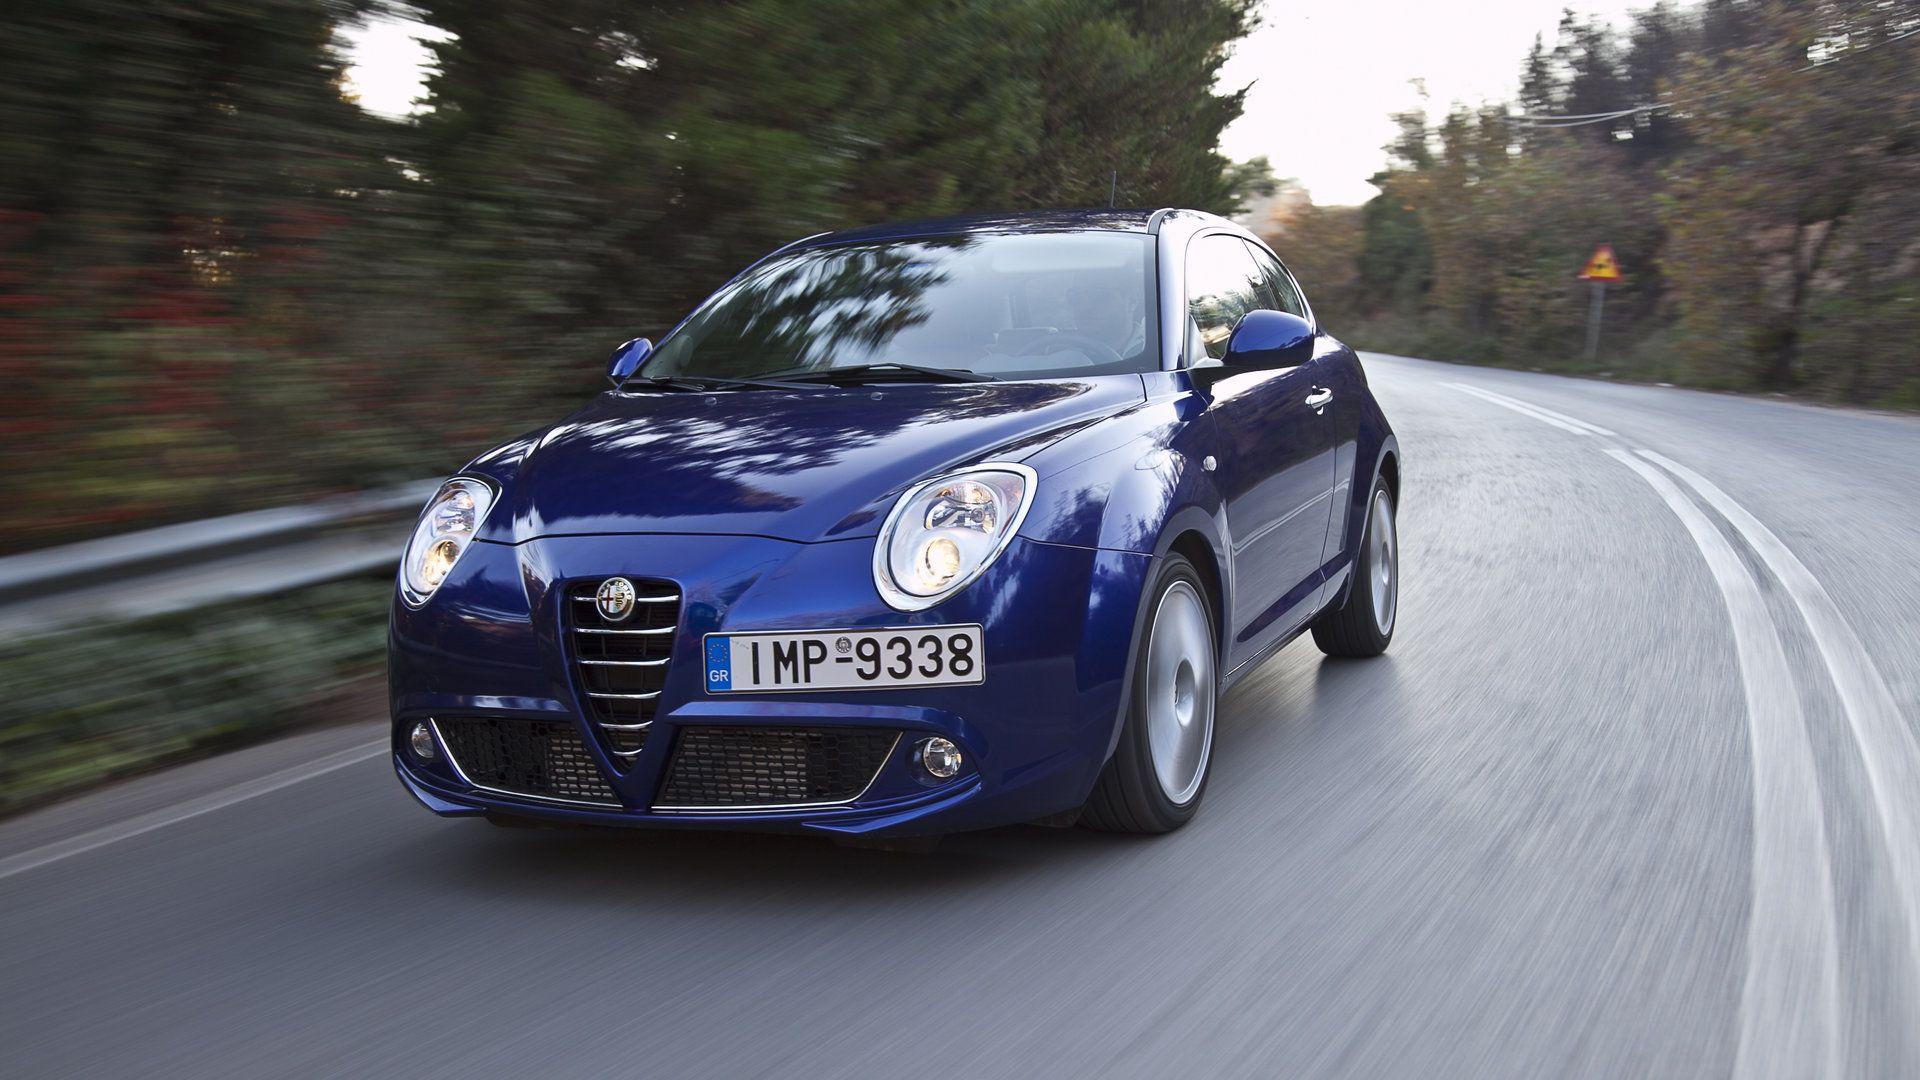 Coche del día: Alfa Romeo MiTo 1.6 JTDm